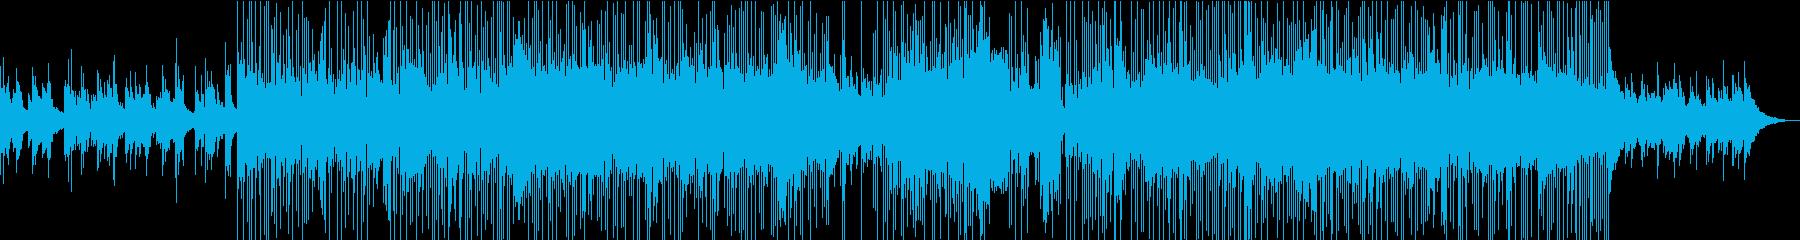 英詞ゴージャスなカントリーポップロックの再生済みの波形